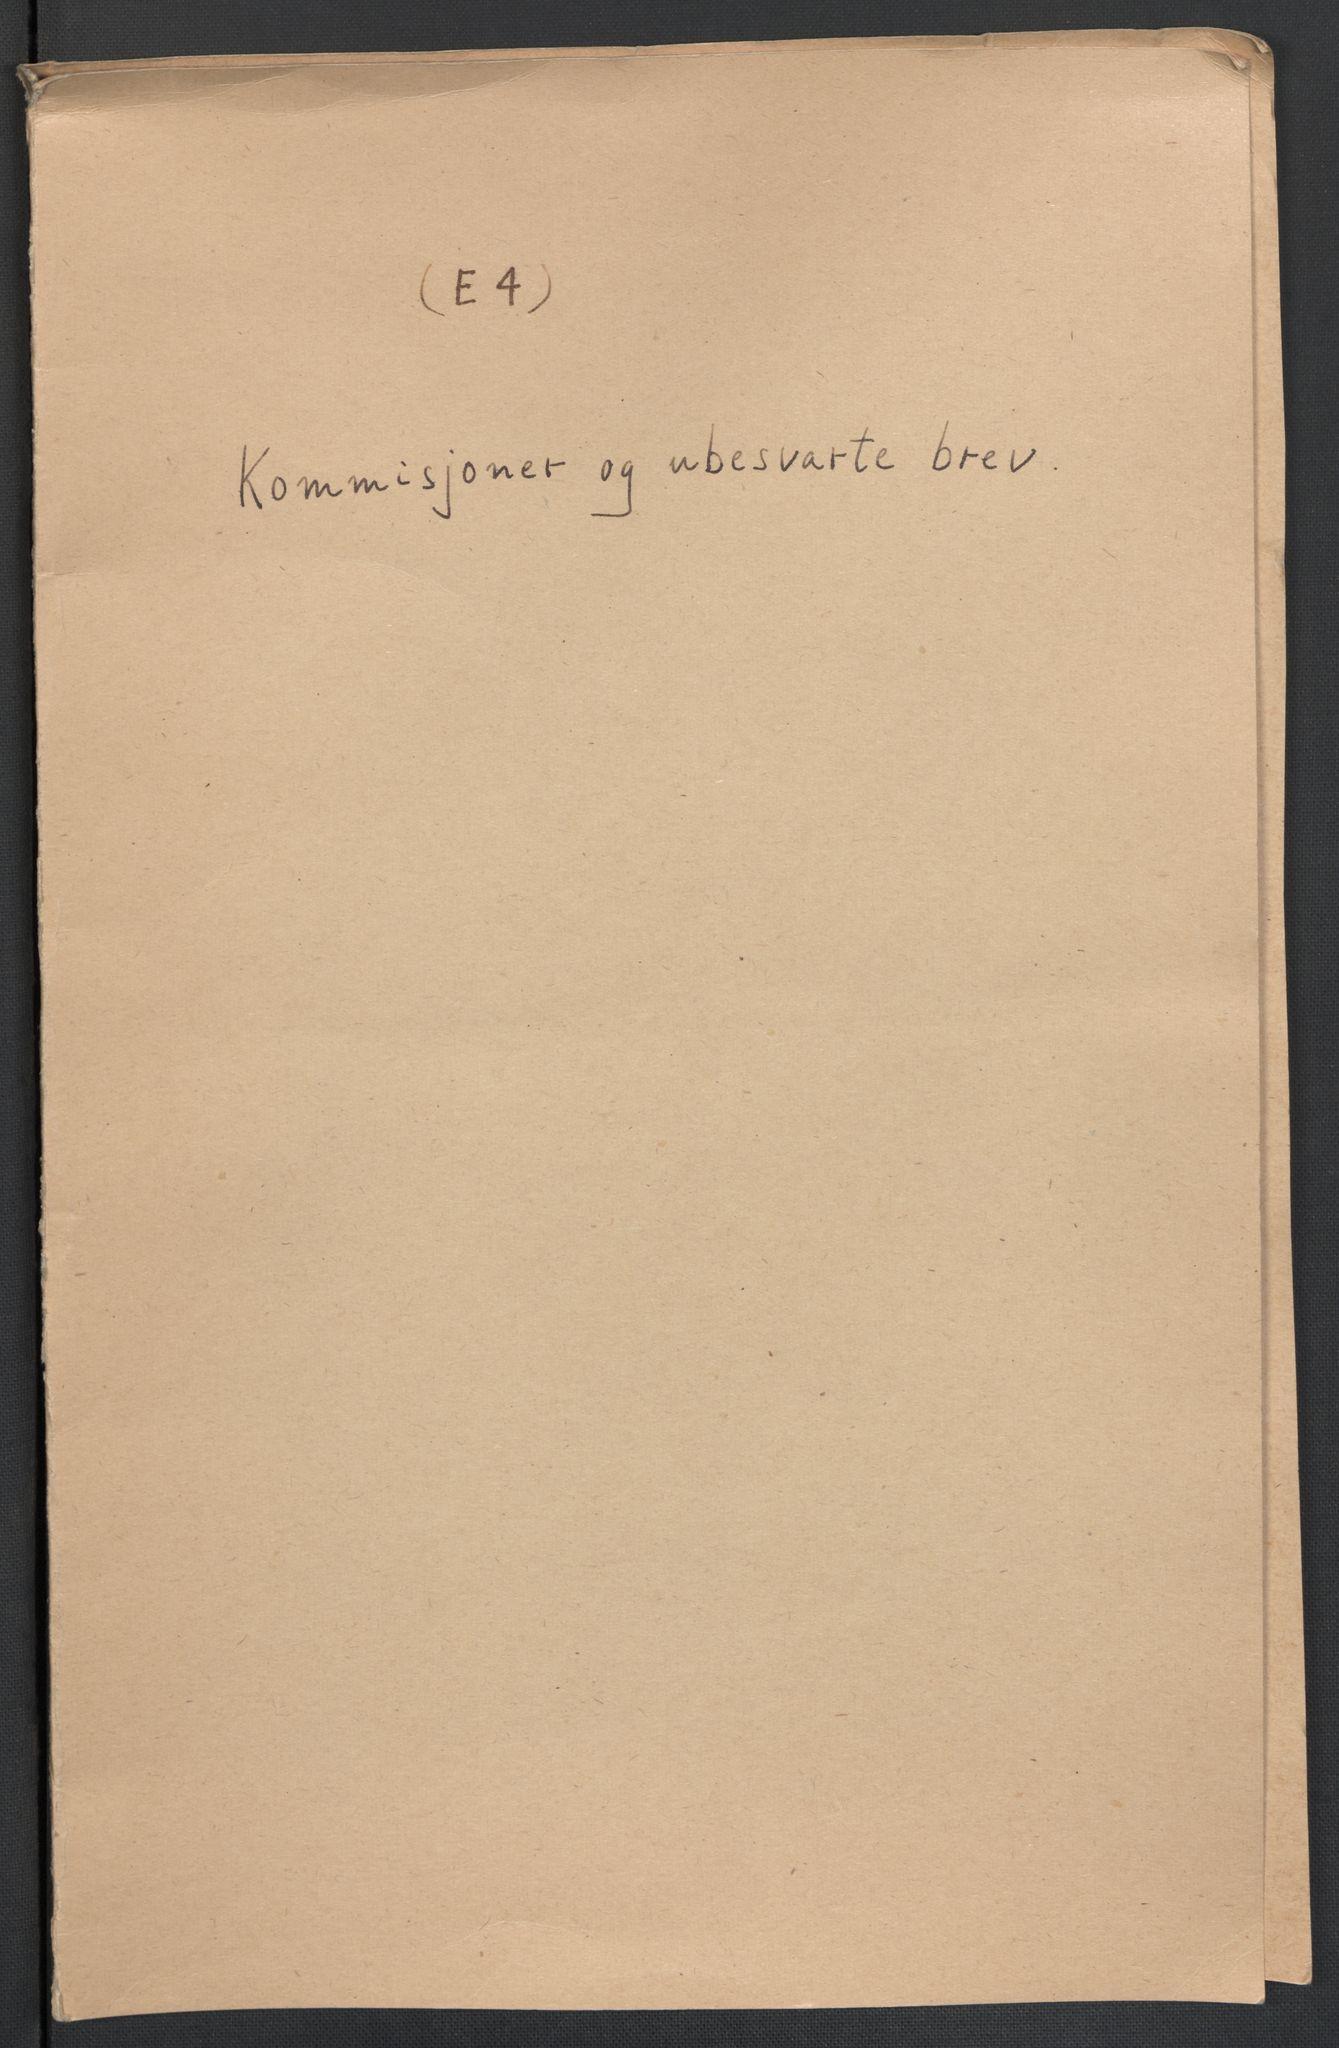 RA, Christie, Wilhelm Frimann Koren, F/L0005, 1815-1816, s. 641